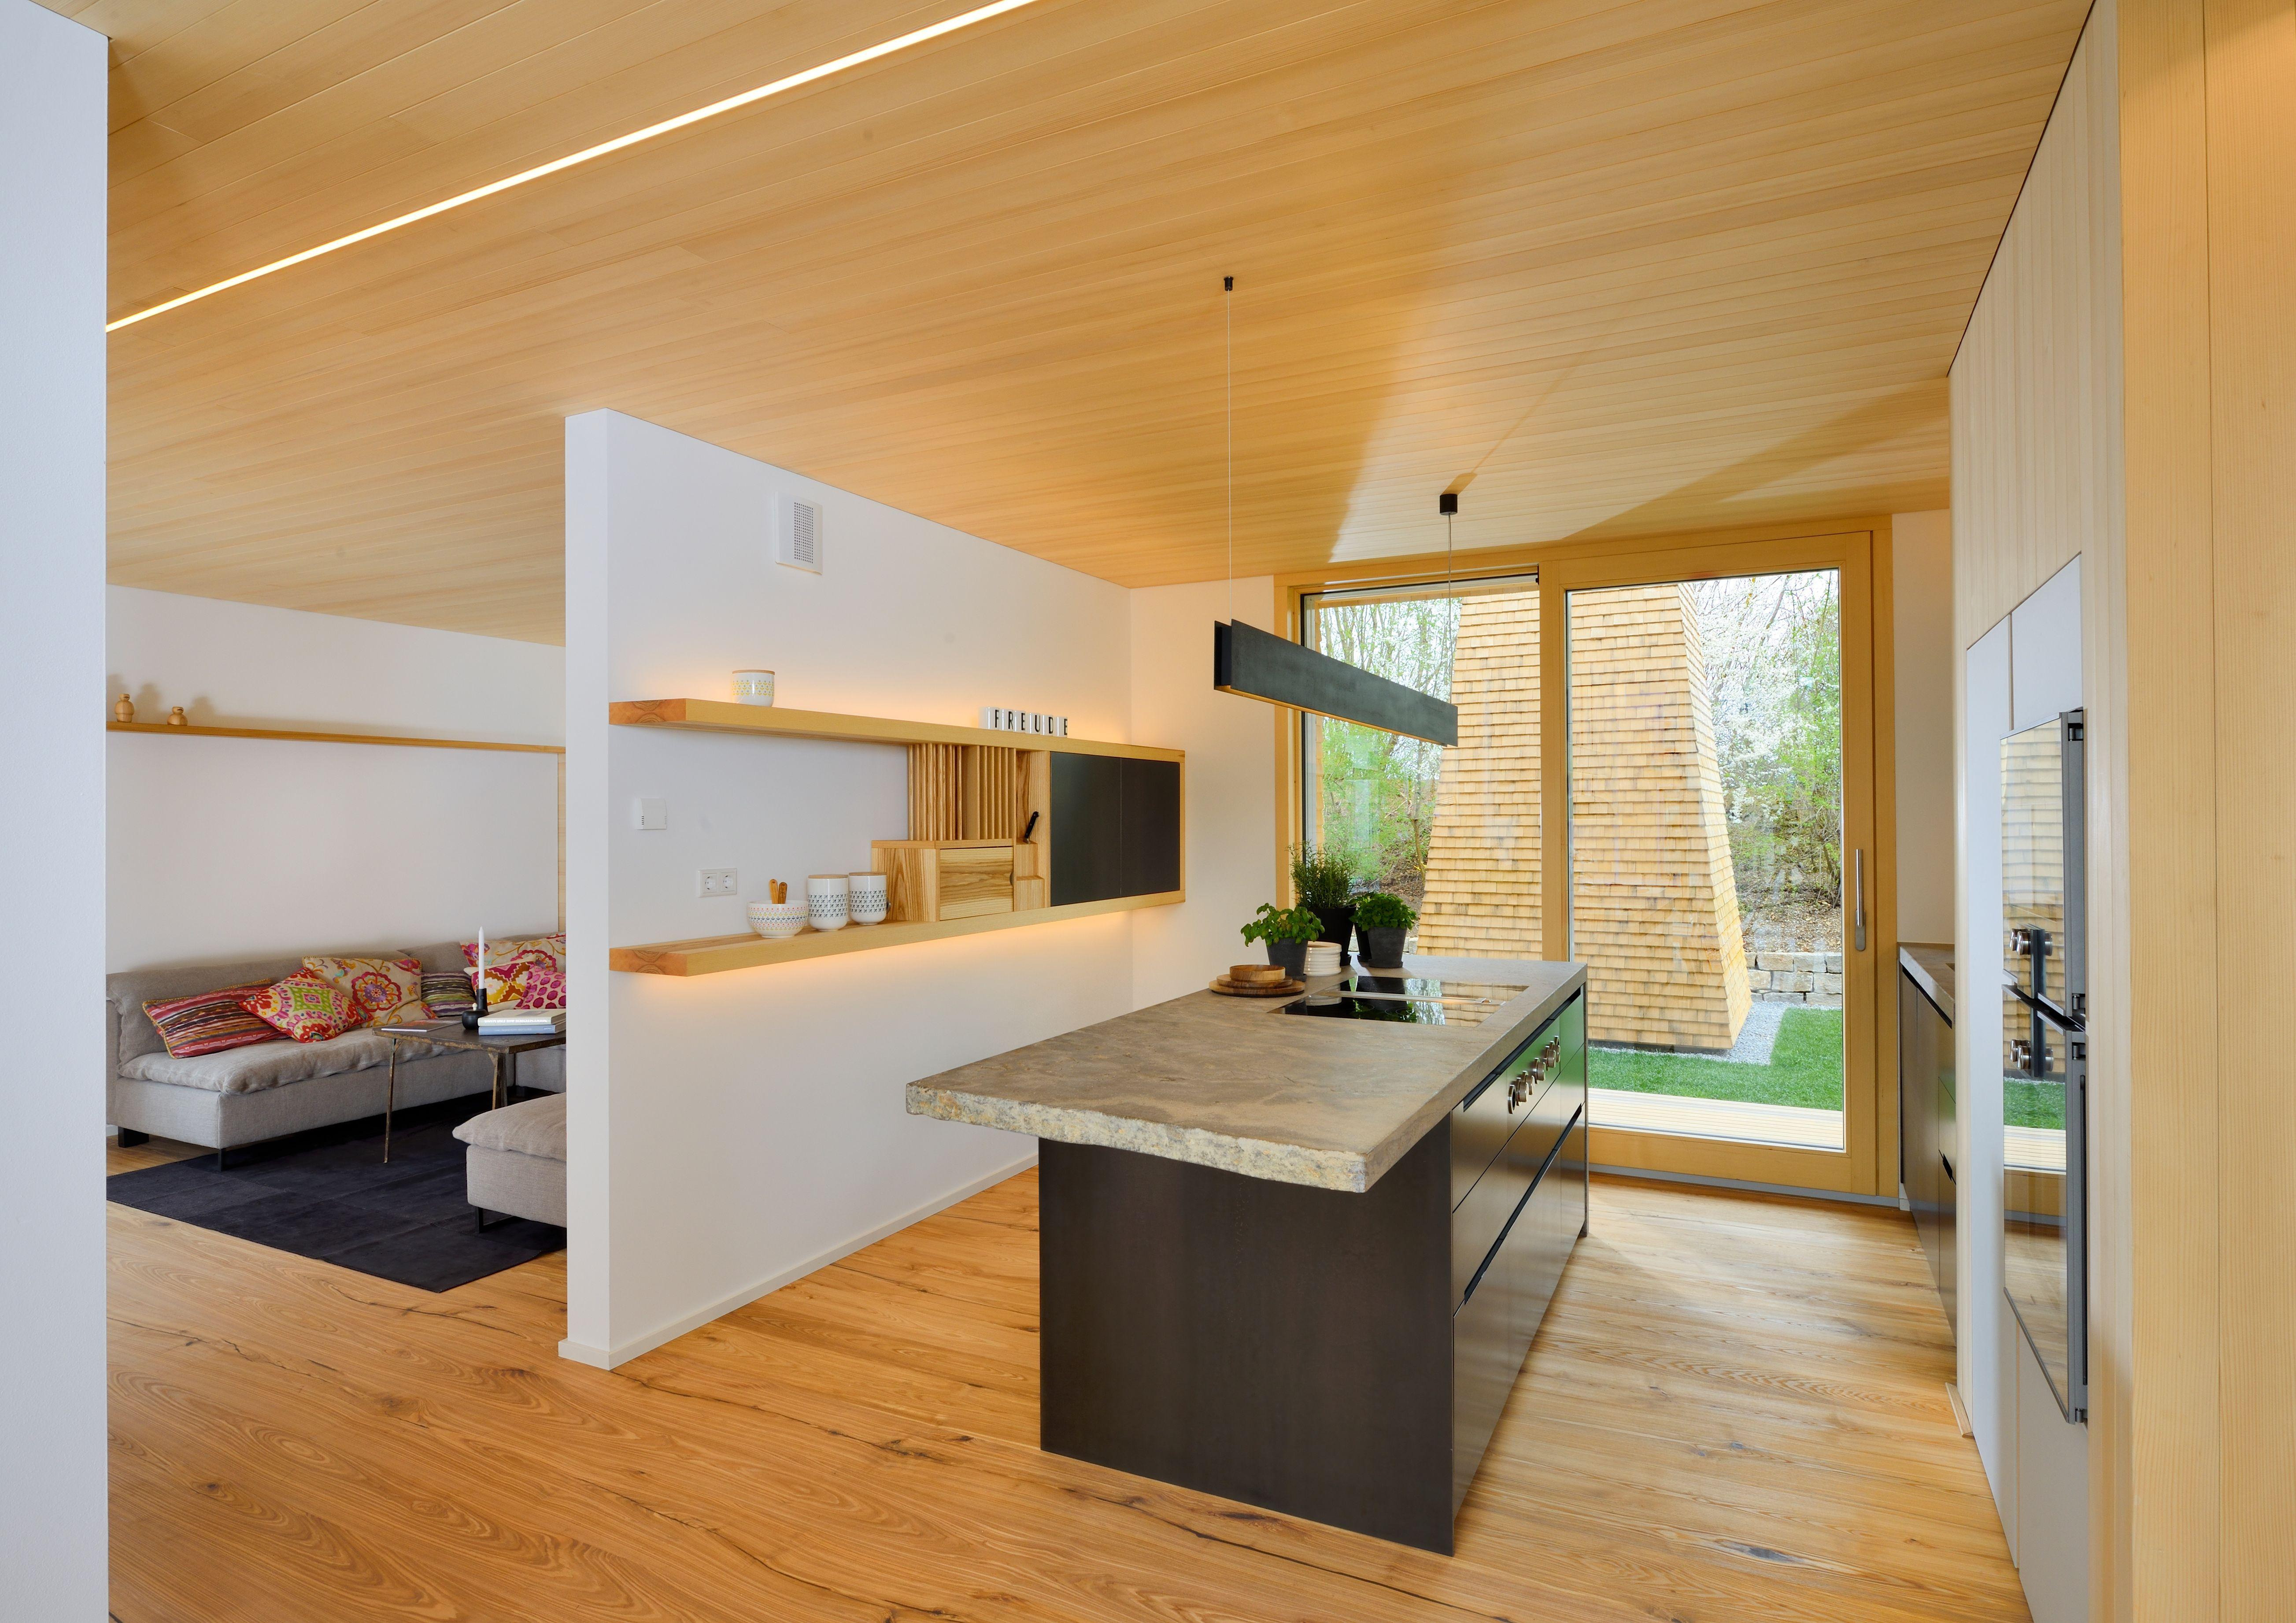 moderne k che im alpenstil mit viel holz und licht dazu gibt es eine freistehende kochinsel mit. Black Bedroom Furniture Sets. Home Design Ideas